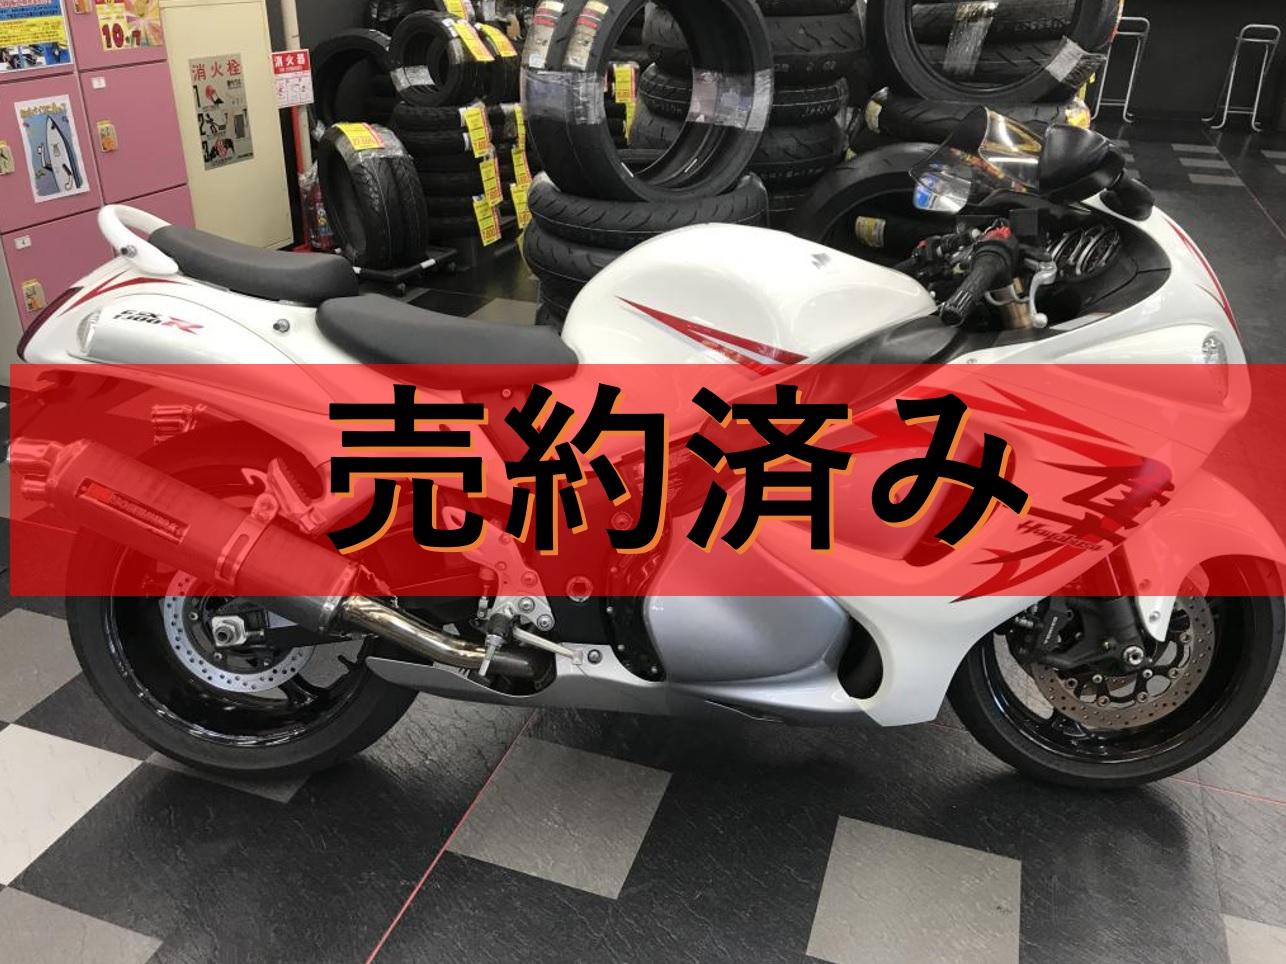 SUZUKI 【販売車両】GSX1300R ハヤブサ LEDバルブ/ヨシムラマフラー/フェンダーレス付き